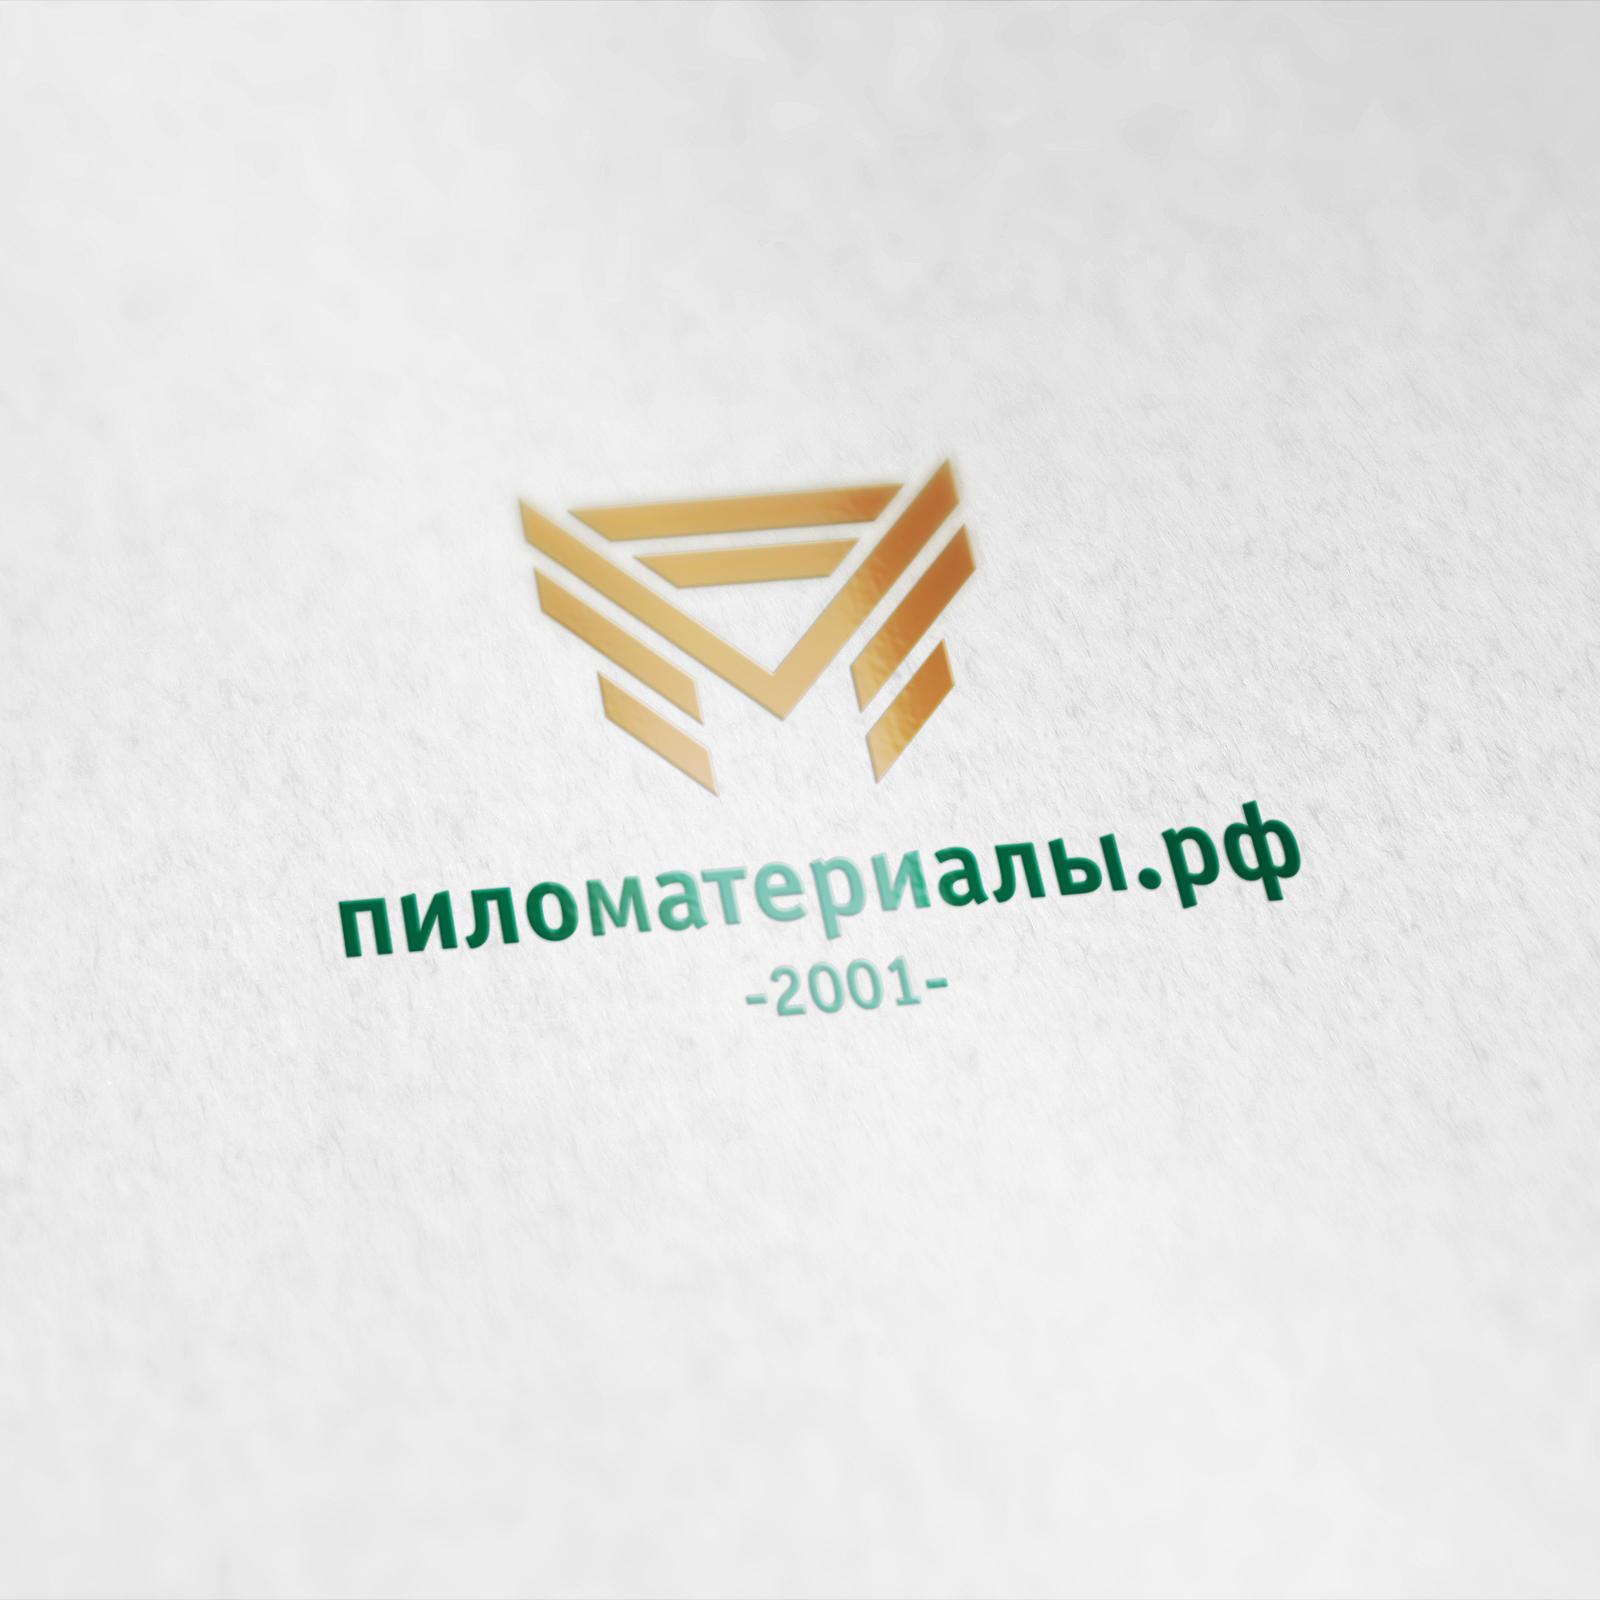 """Создание логотипа и фирменного стиля """"Пиломатериалы.РФ"""" фото f_9505307ad96343b4.jpg"""